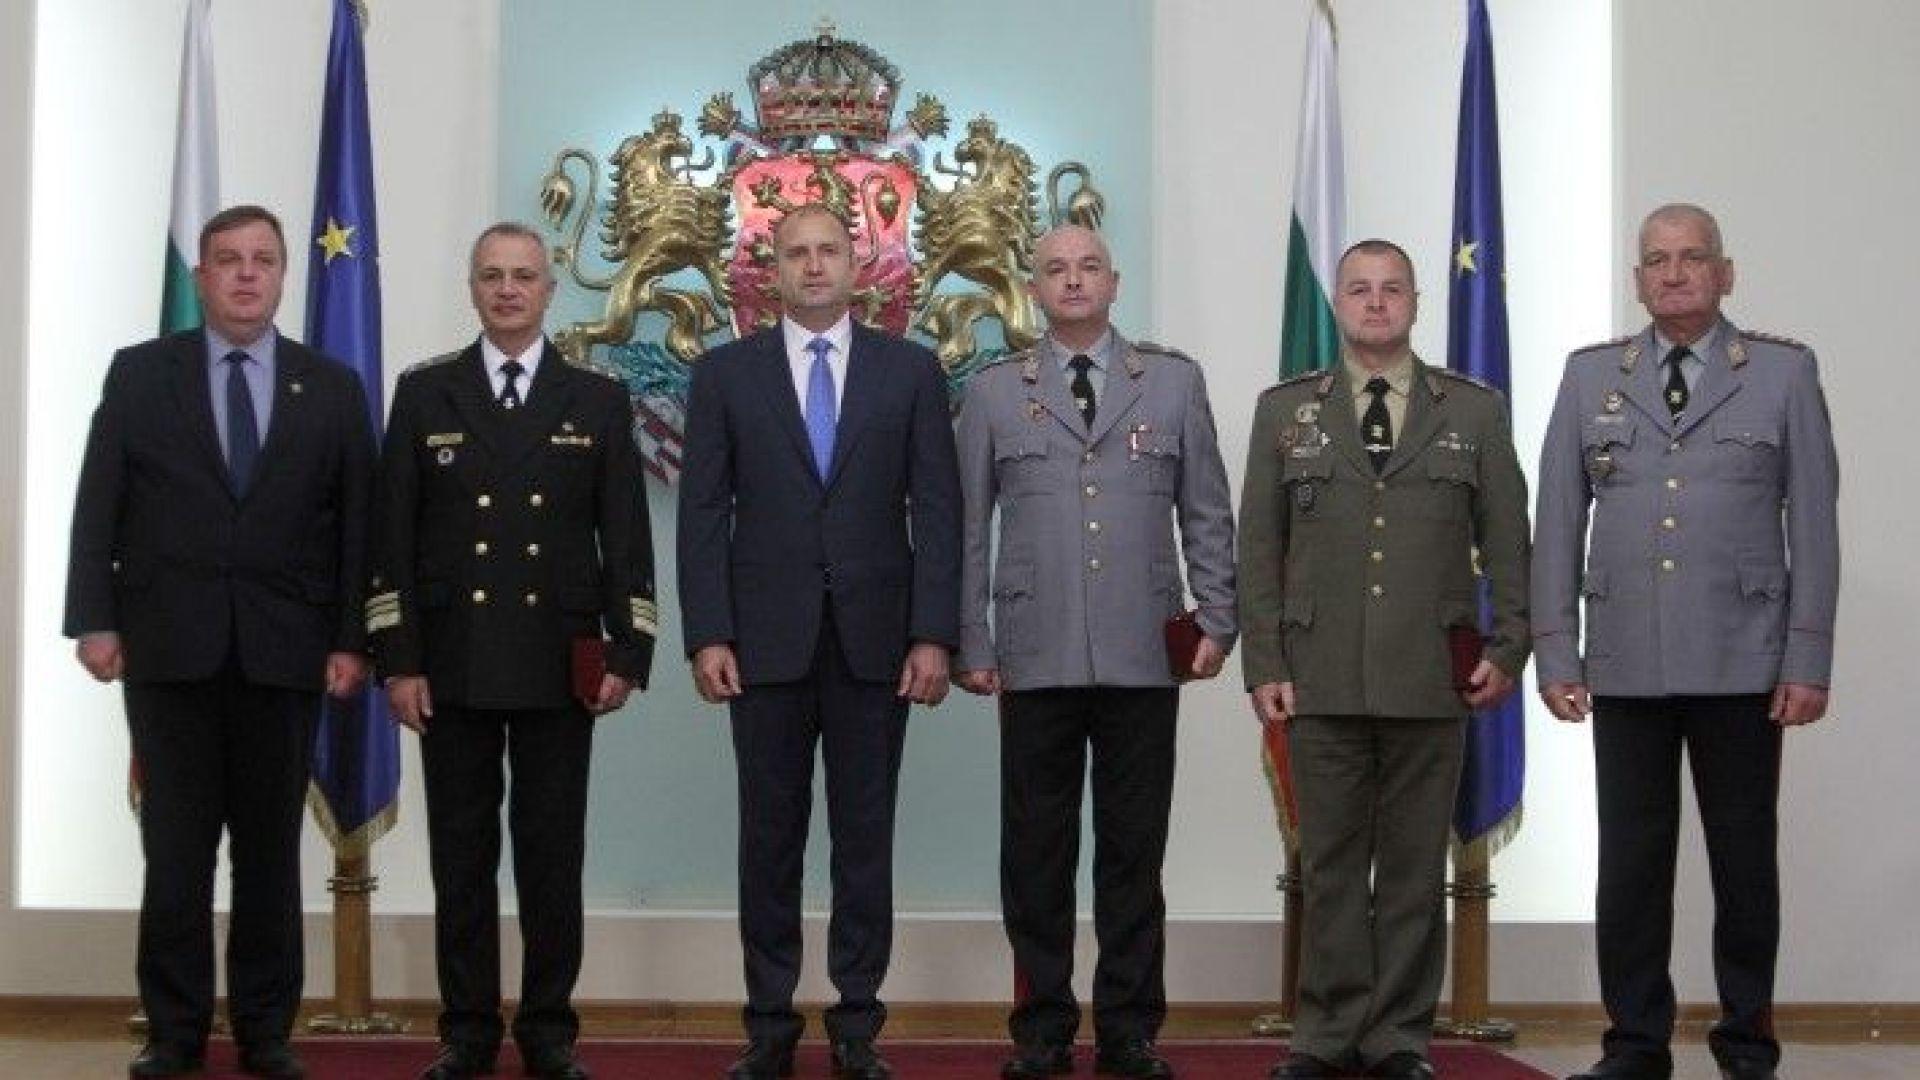 Радев към висши офицери: Служете на България отговорно и всеотдайно